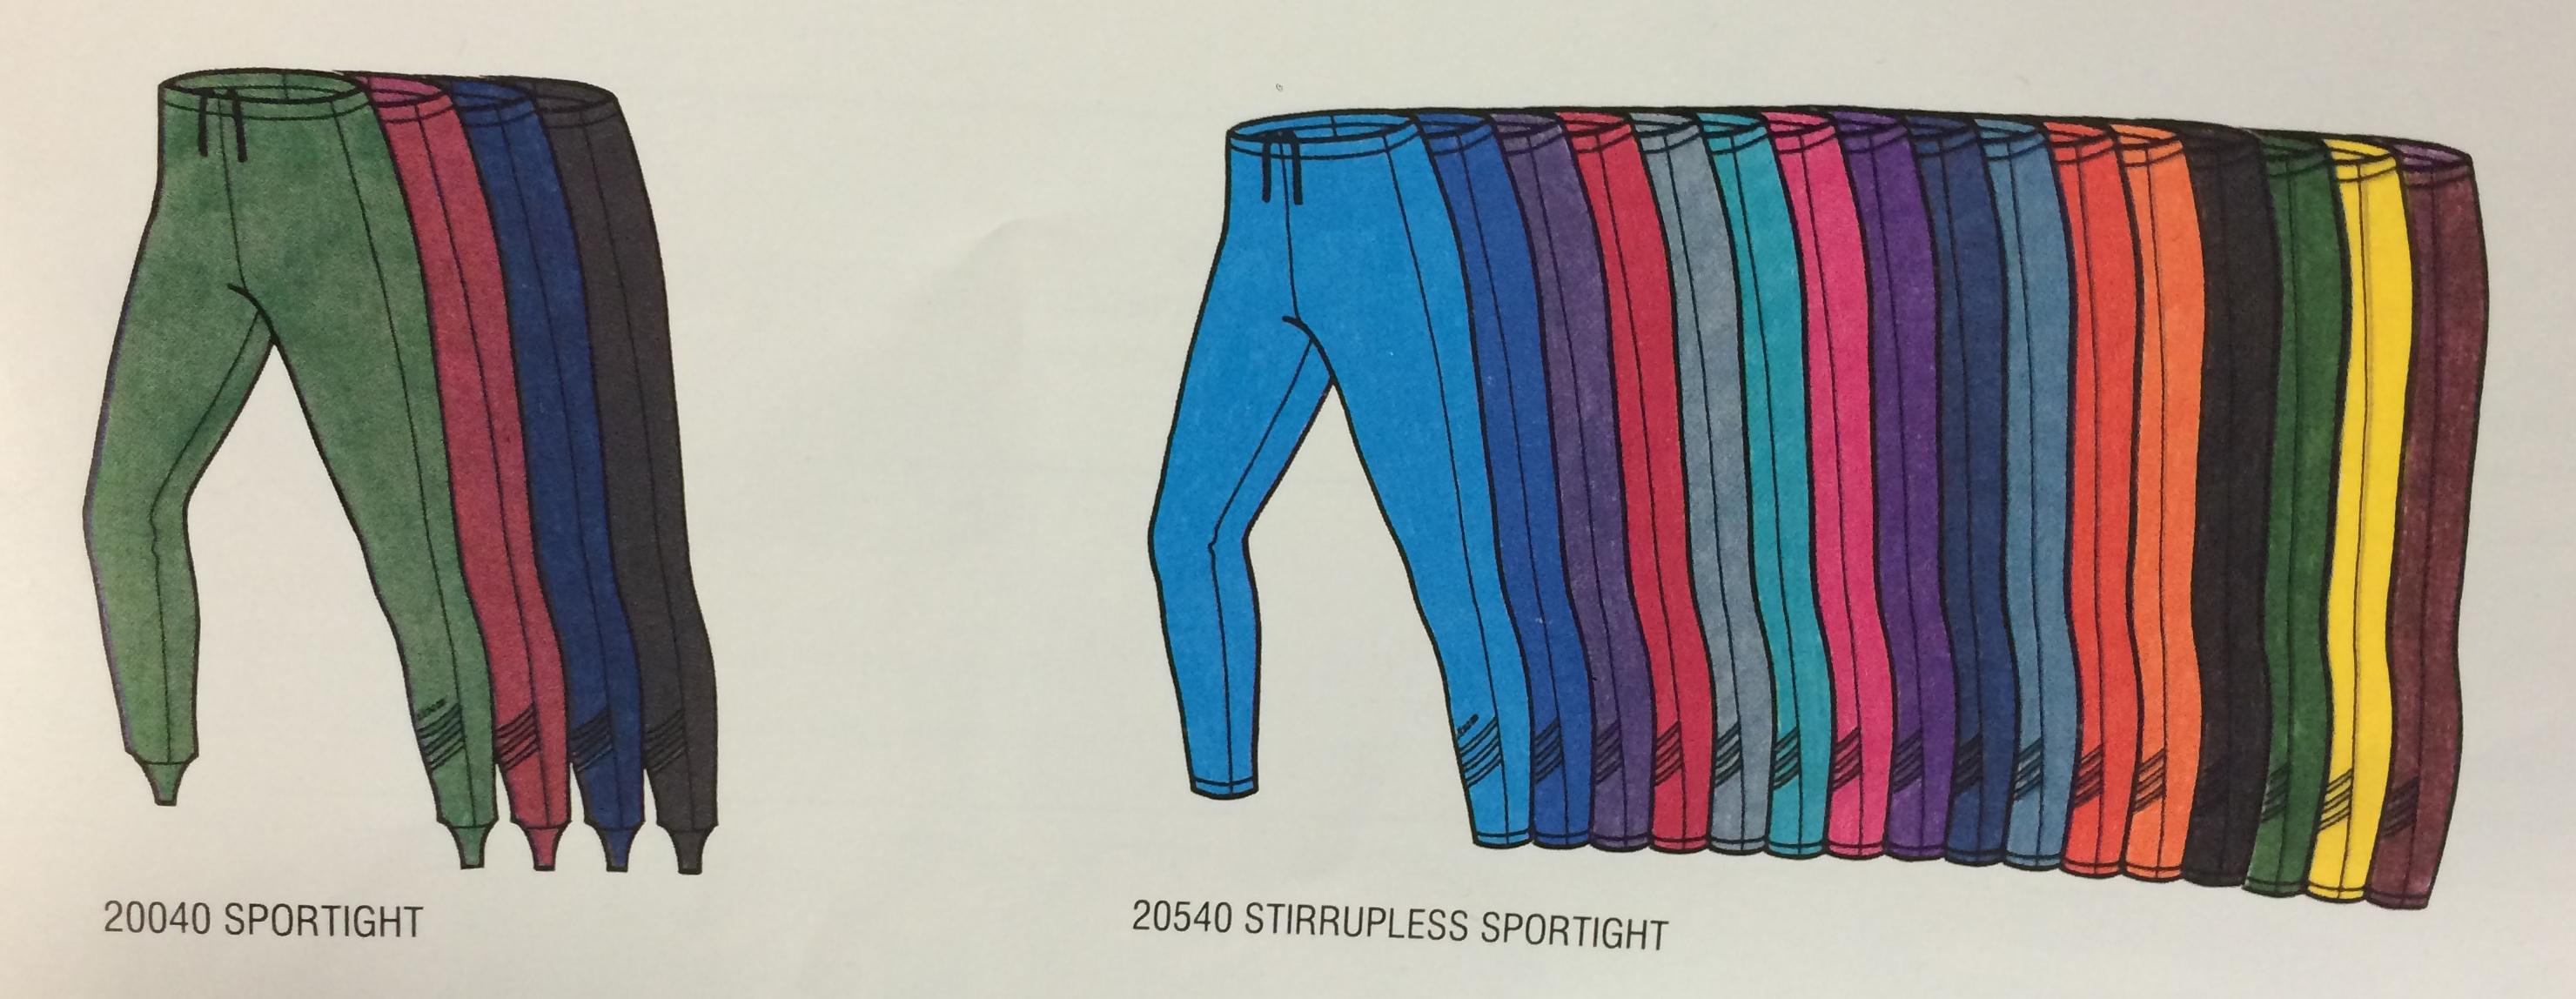 Stirrups and Nostirrup Sportight Spring 1988